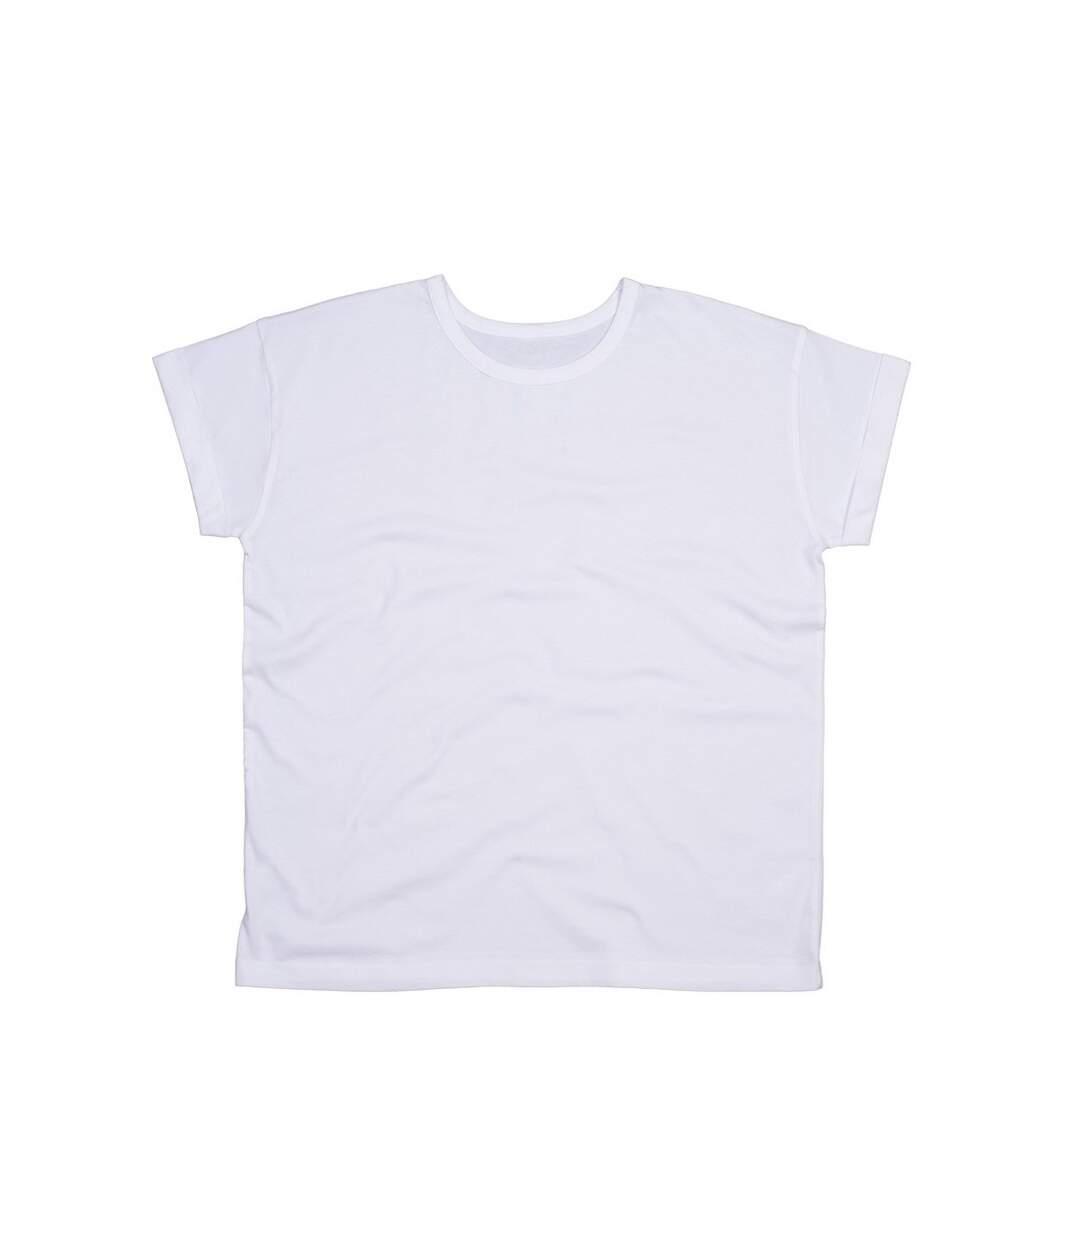 Mantis - T-Shirt - Femme (Blanc) - UTPC3665